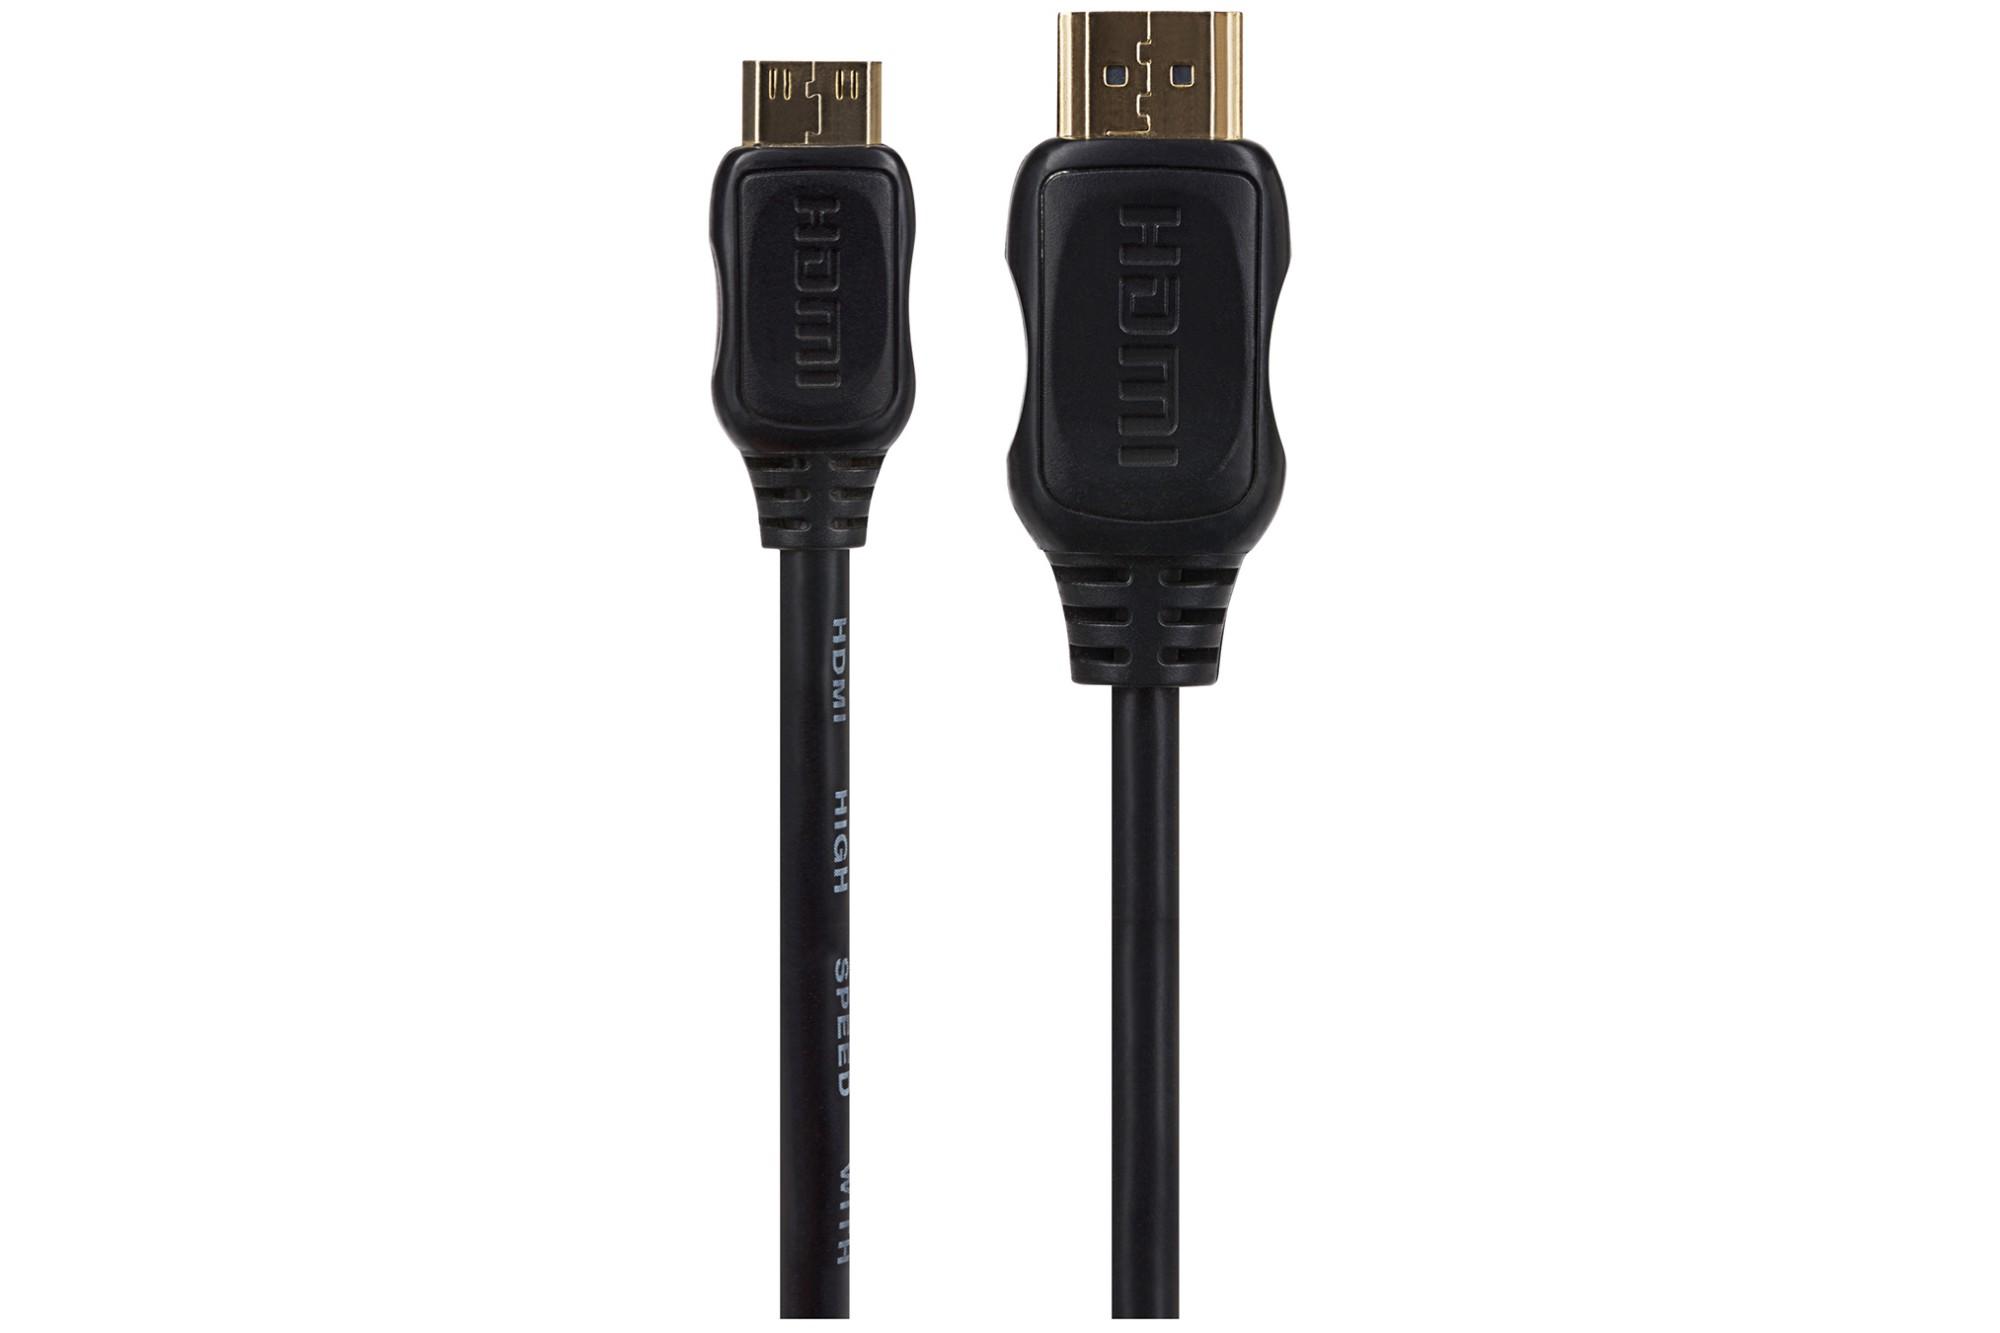 MAPLIN Premium HDMI to Mini HDMI Cable - Black, 1m